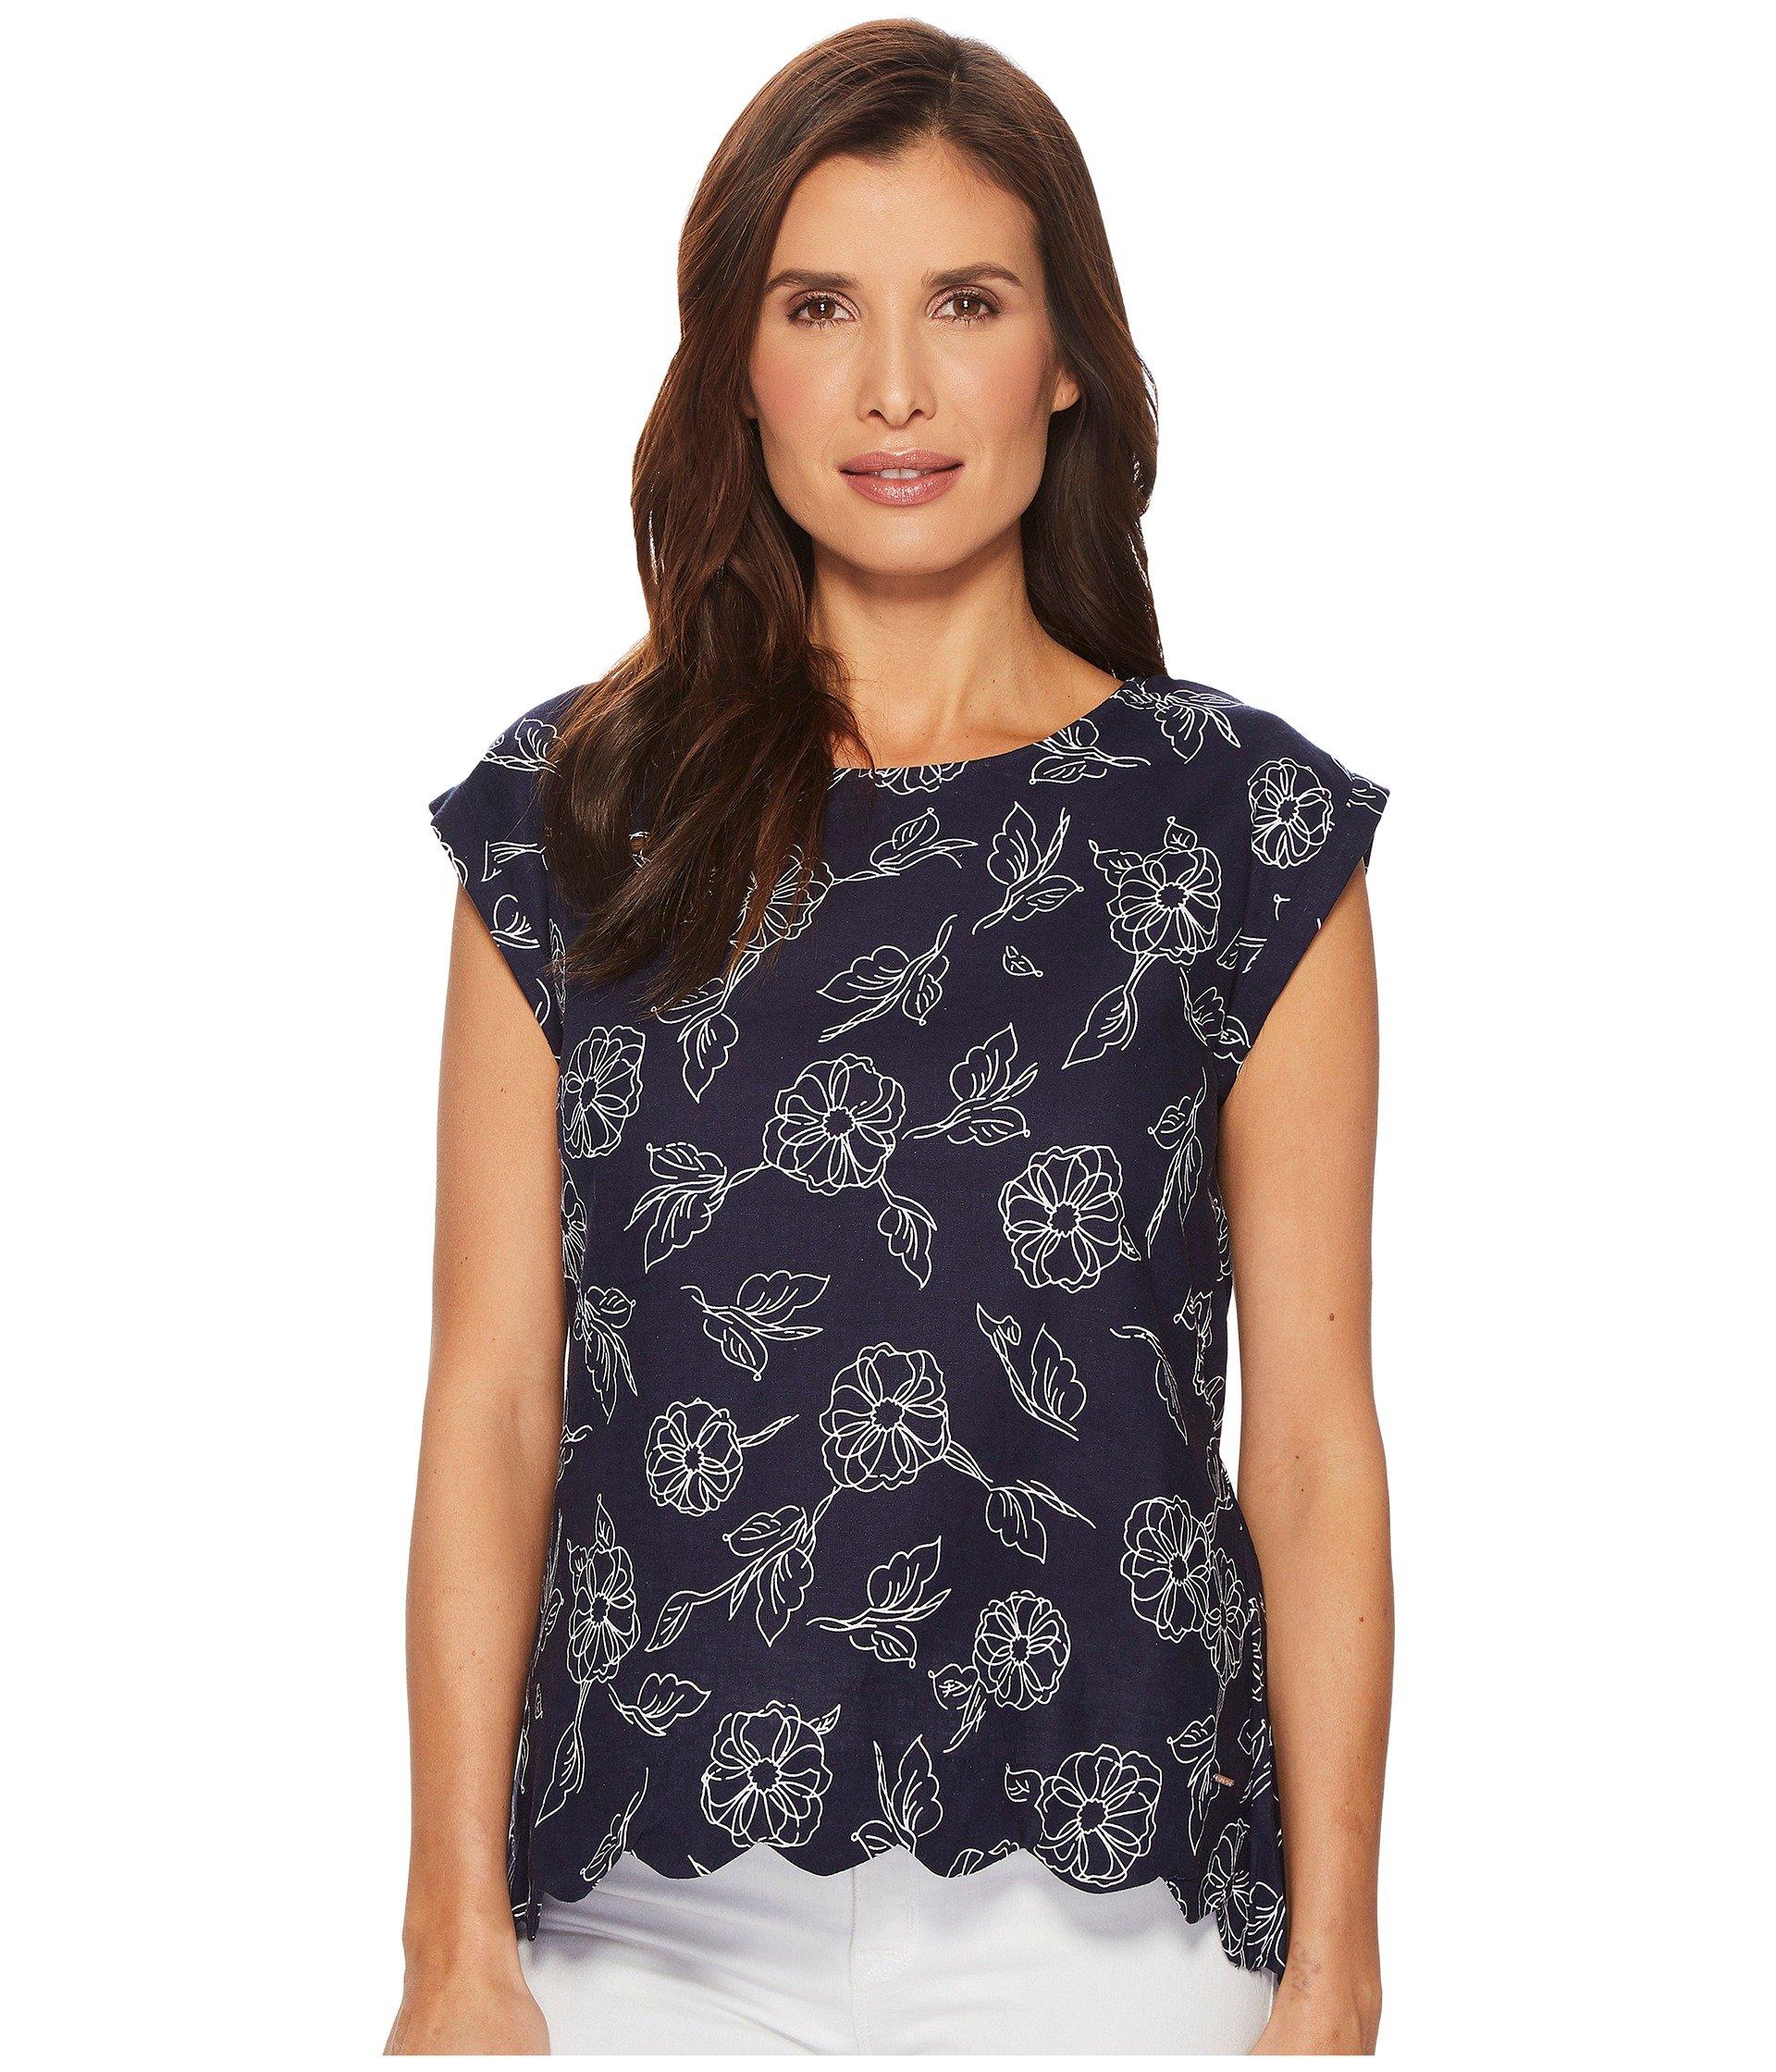 Blusa para Mujer U.S. POLO ASSN. Flower Top  + U.S. POLO ASSN. en VeoyCompro.net